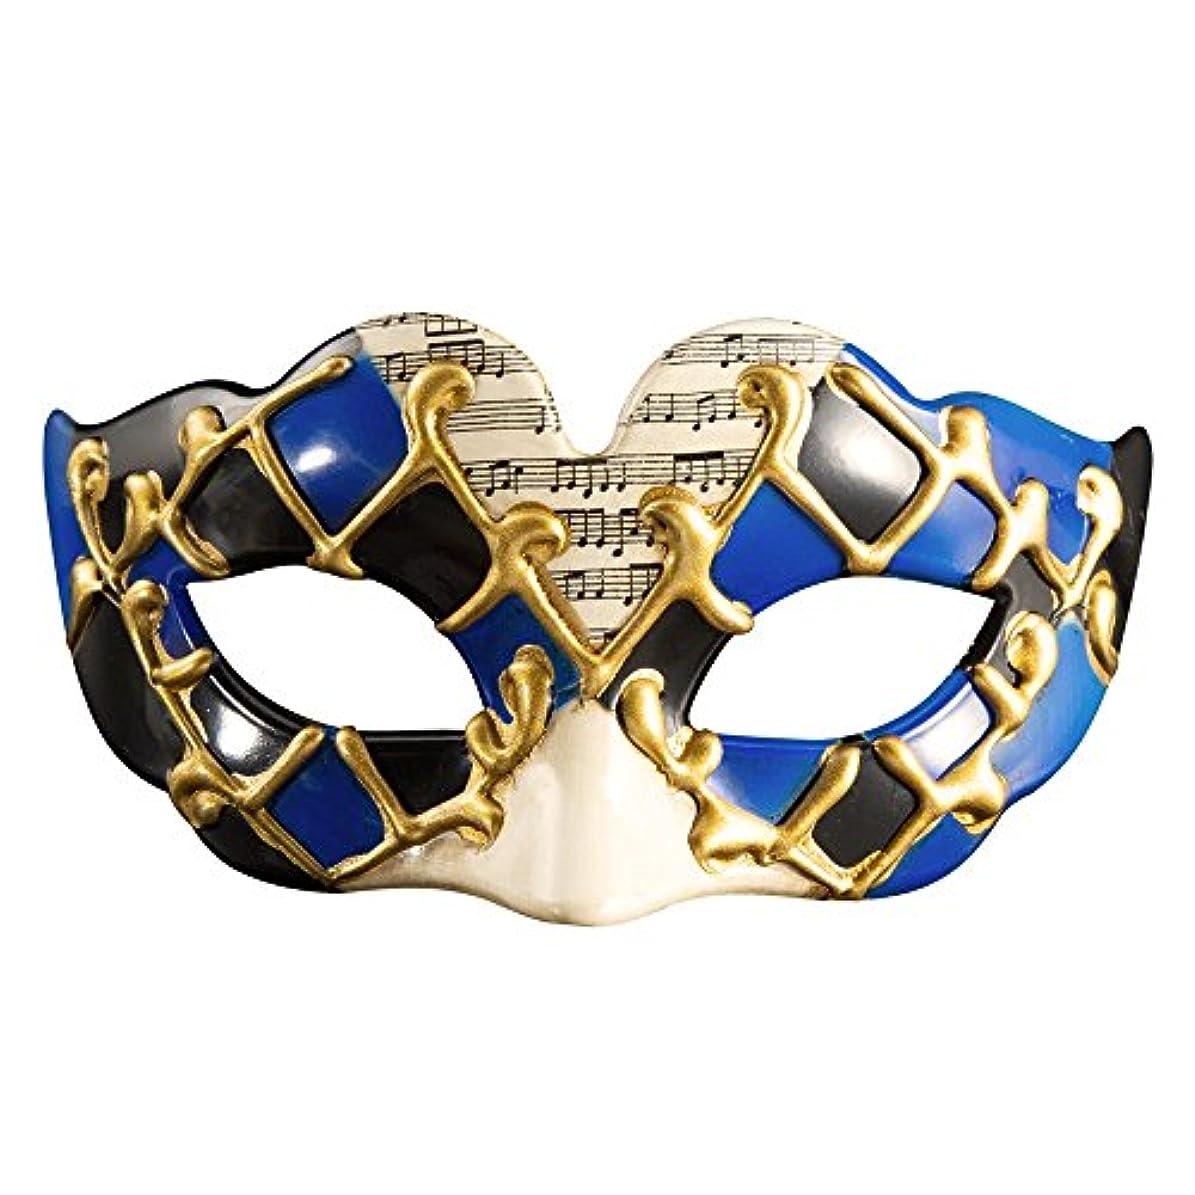 蓮ゴミ箱ヒギンズクリエイティブキッズハーフフェイスハロウィンマスクパーティー新しいファンシードレスボールマスク (Color : #3)